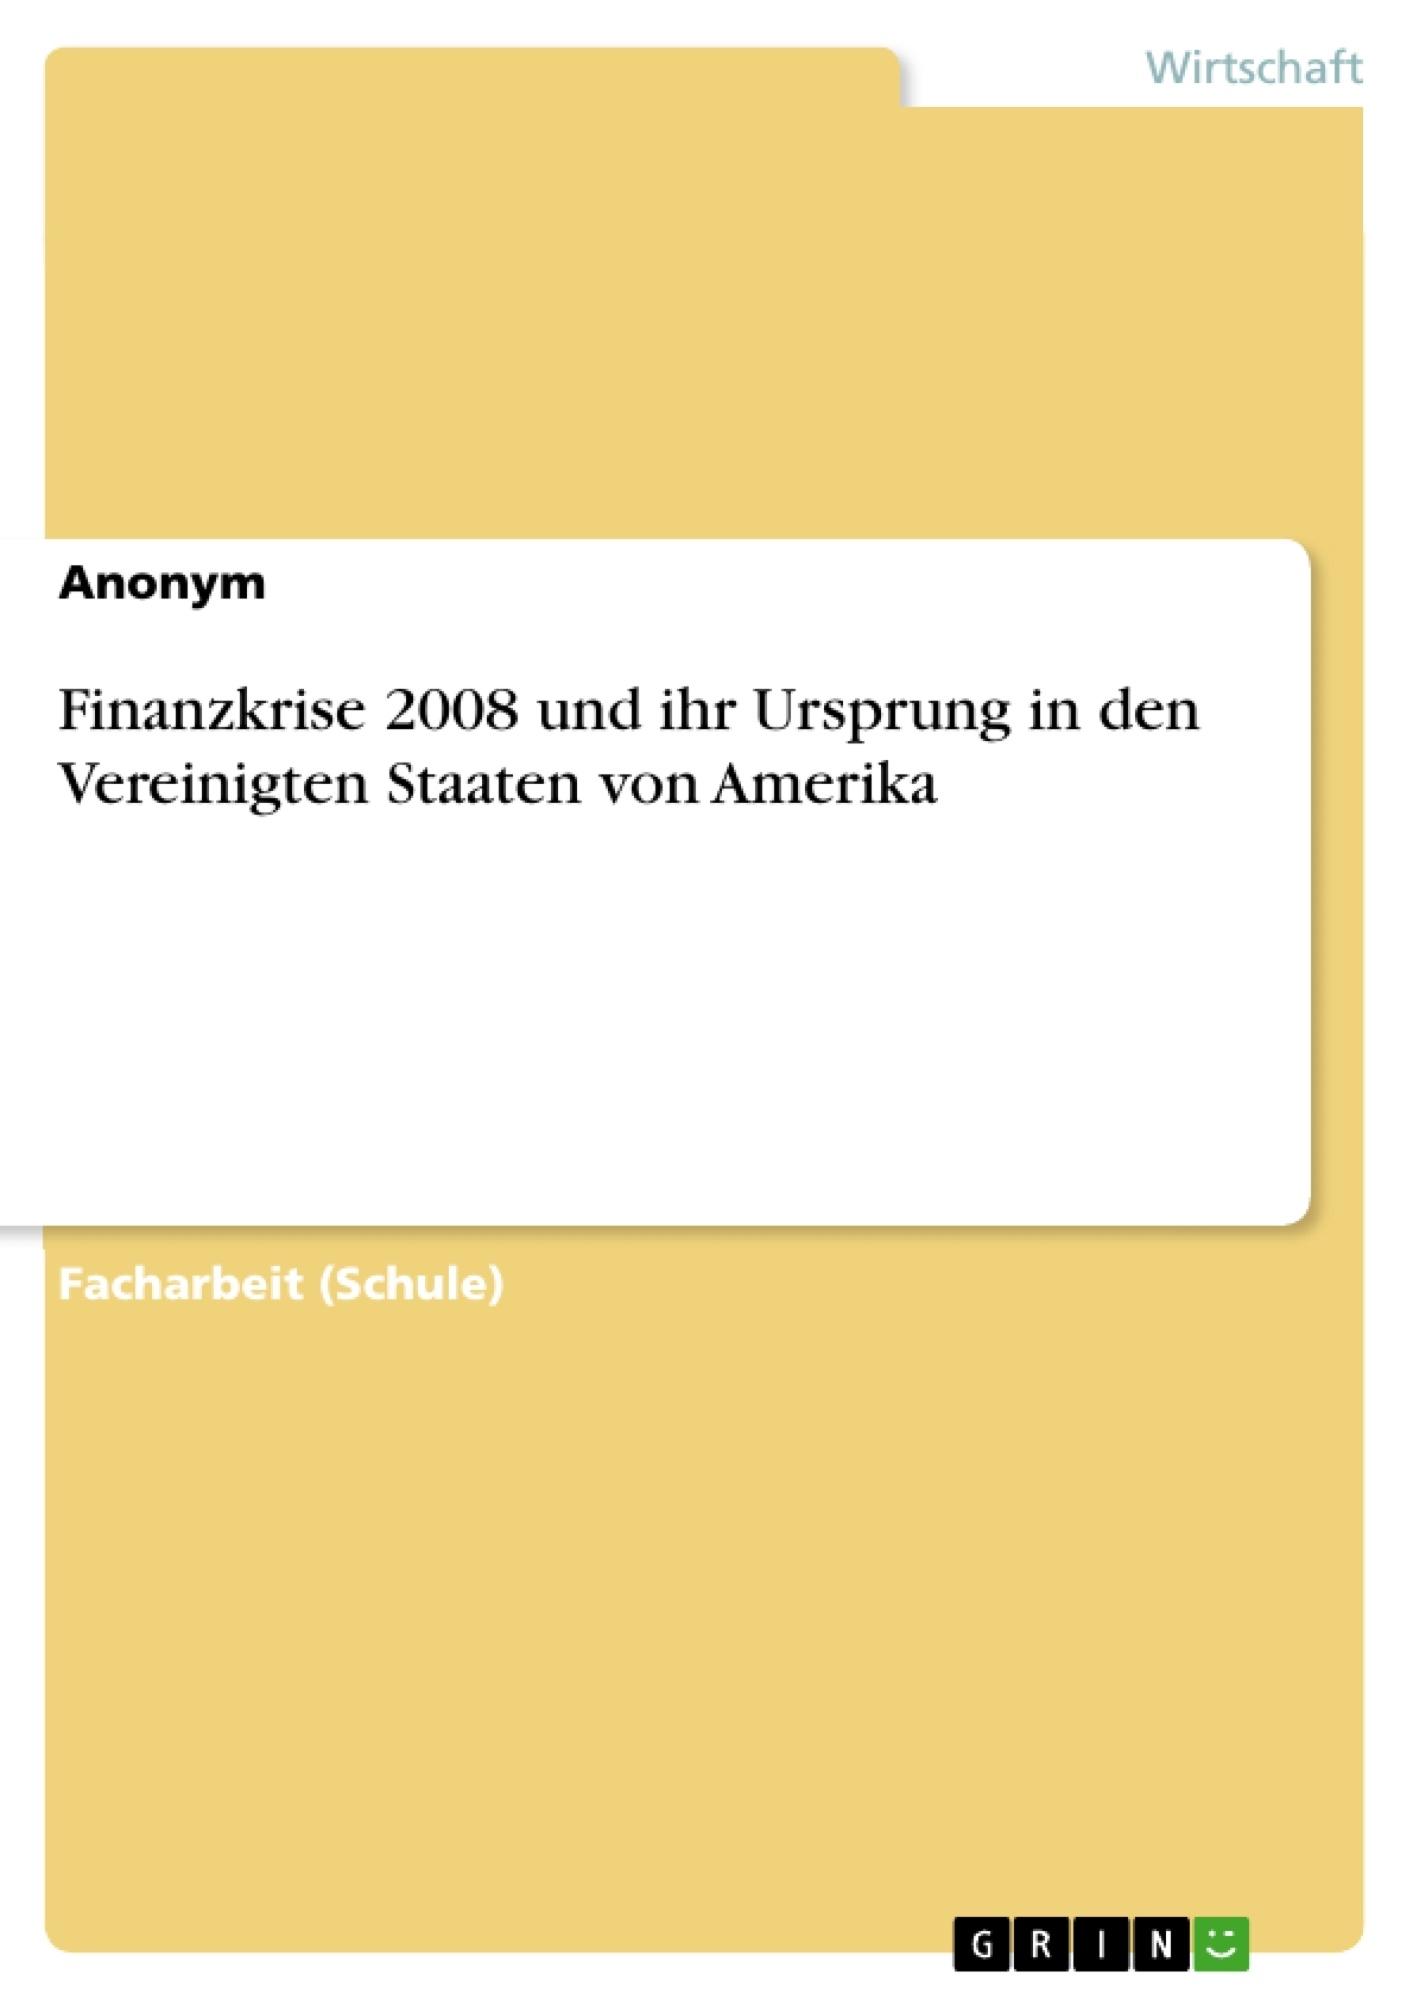 Titel: Finanzkrise 2008 und ihr Ursprung in den Vereinigten Staaten von Amerika